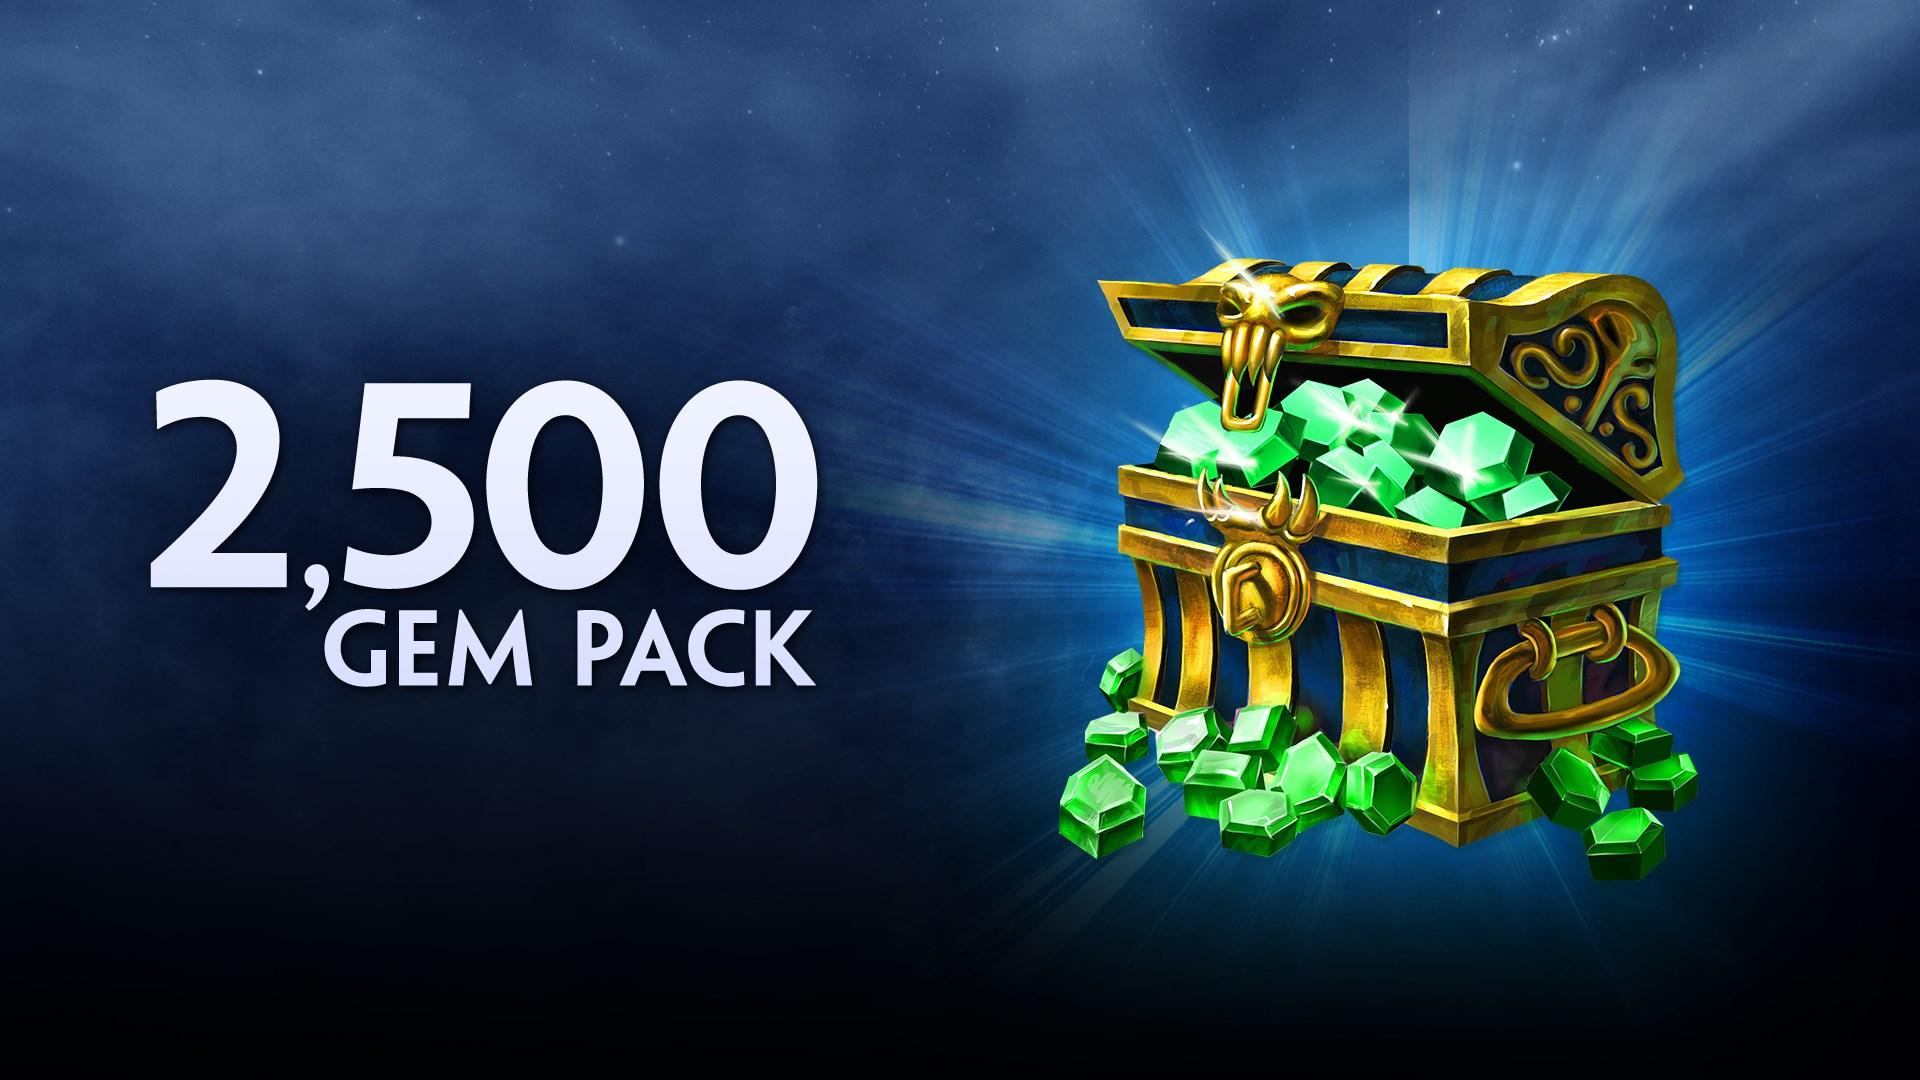 2500 Gems